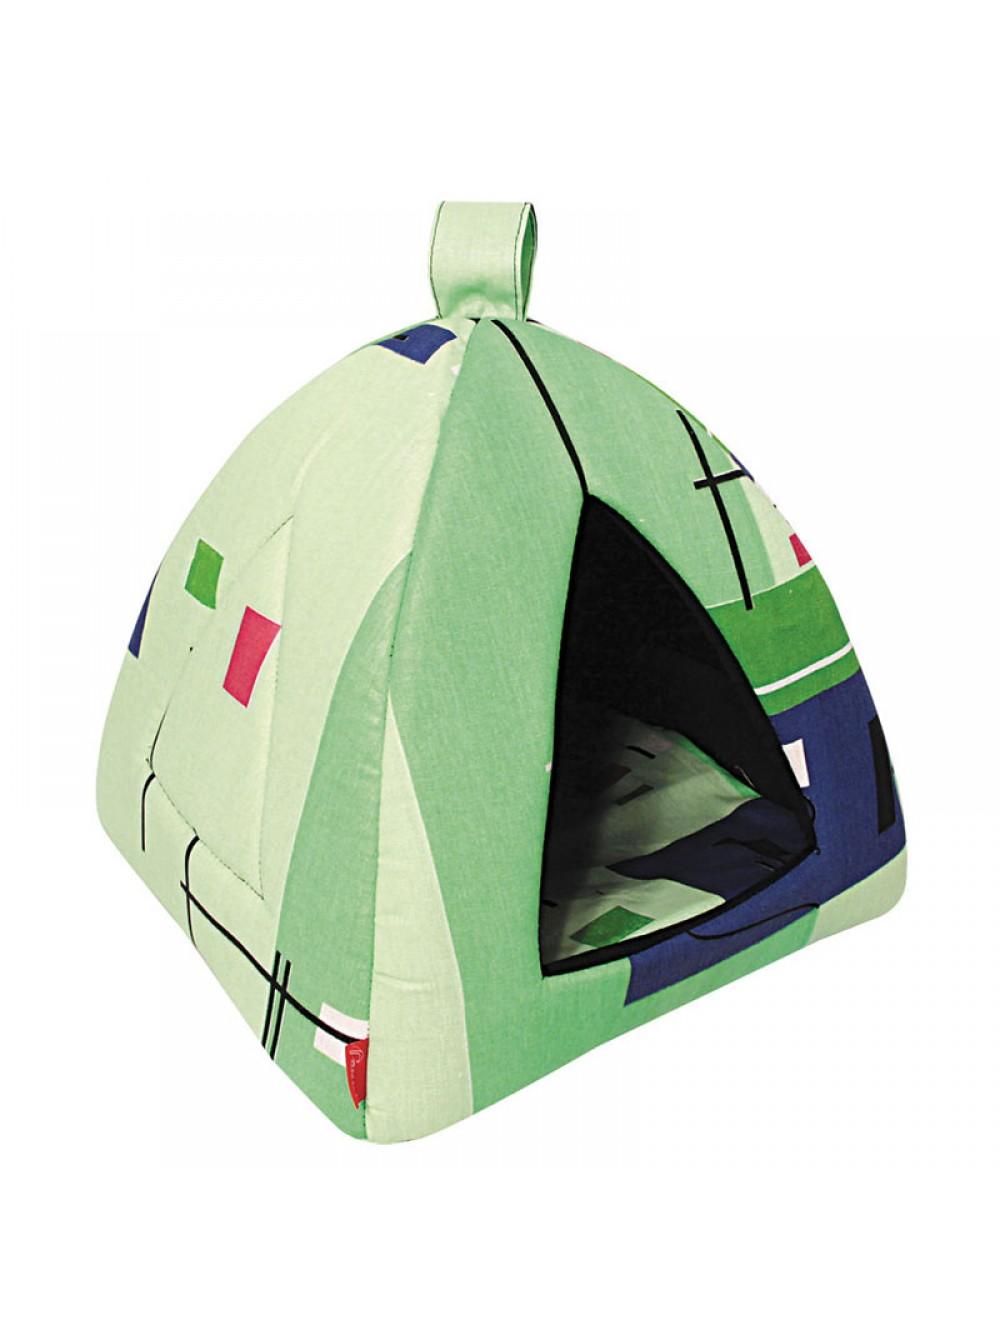 Домик для кошек и собак Gamma Вигвам, в ассортименте, 37x37x34см